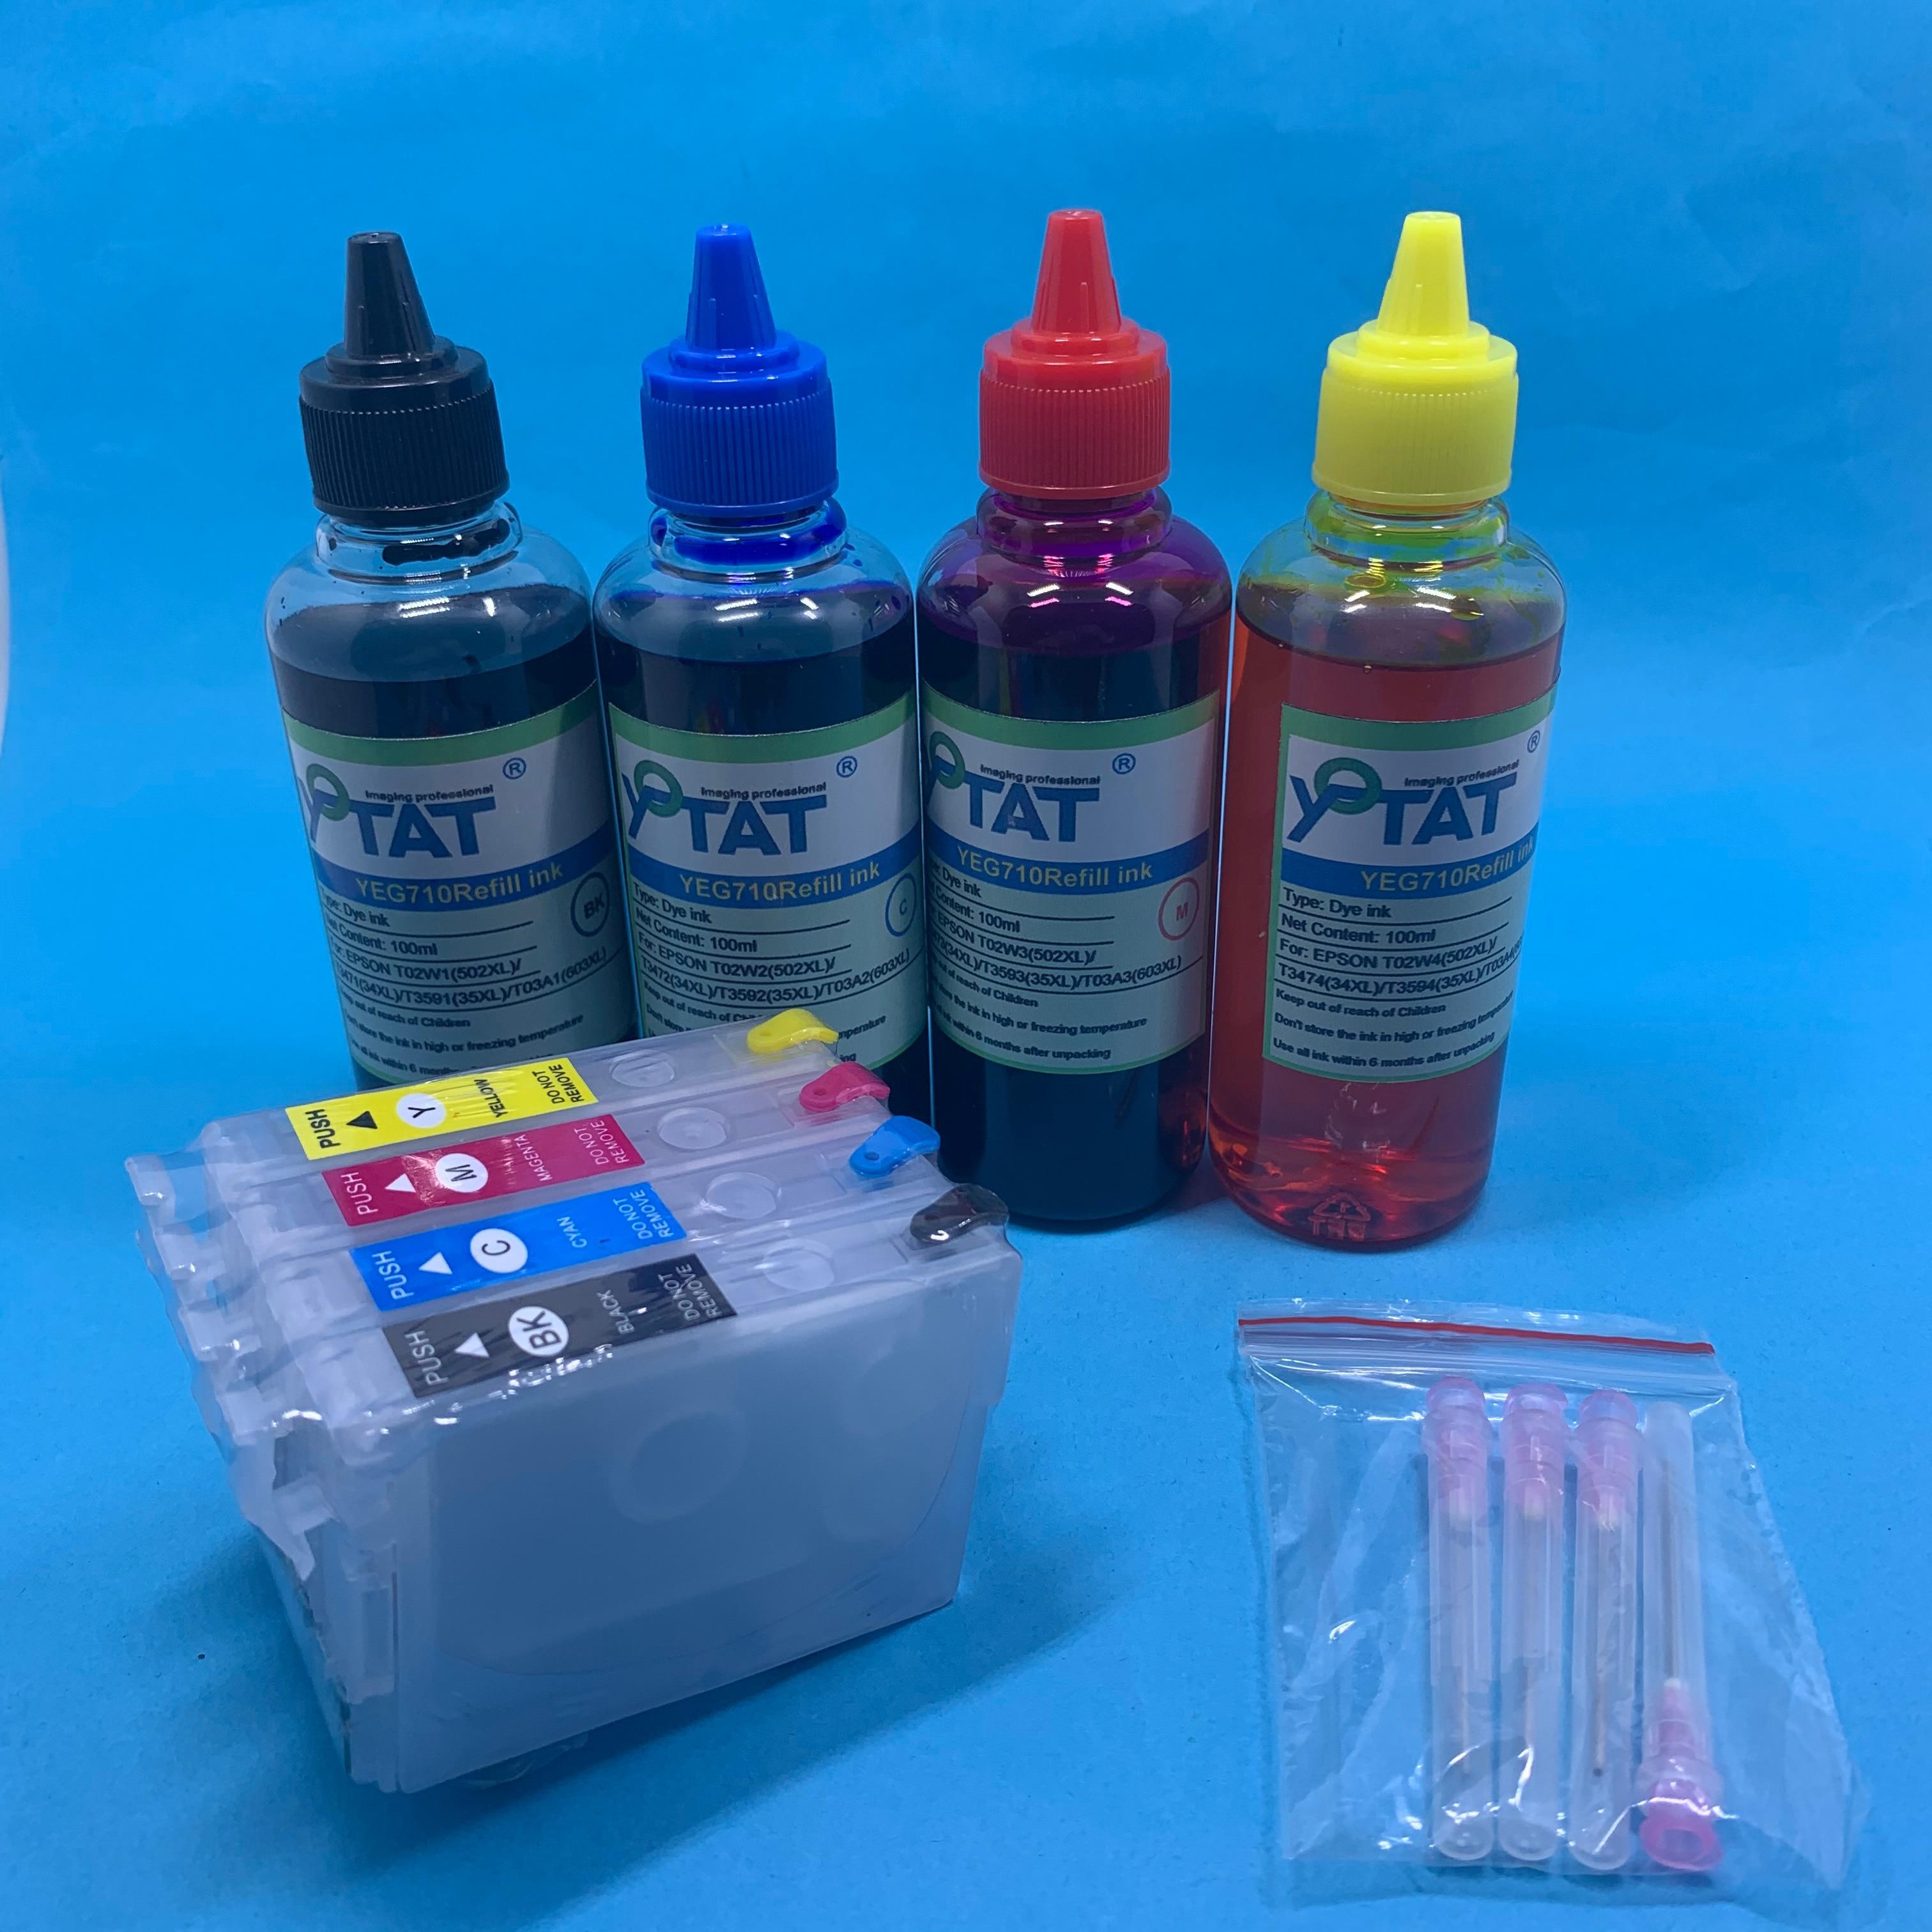 YOTAT T603 Refillable 603XL Ink Cartridge T03A1-T03A4 For Epson XP-2100 XP-2105 XP-3100 XP-3105 XP-4100 XP-4105 WF-2810 WF-2830